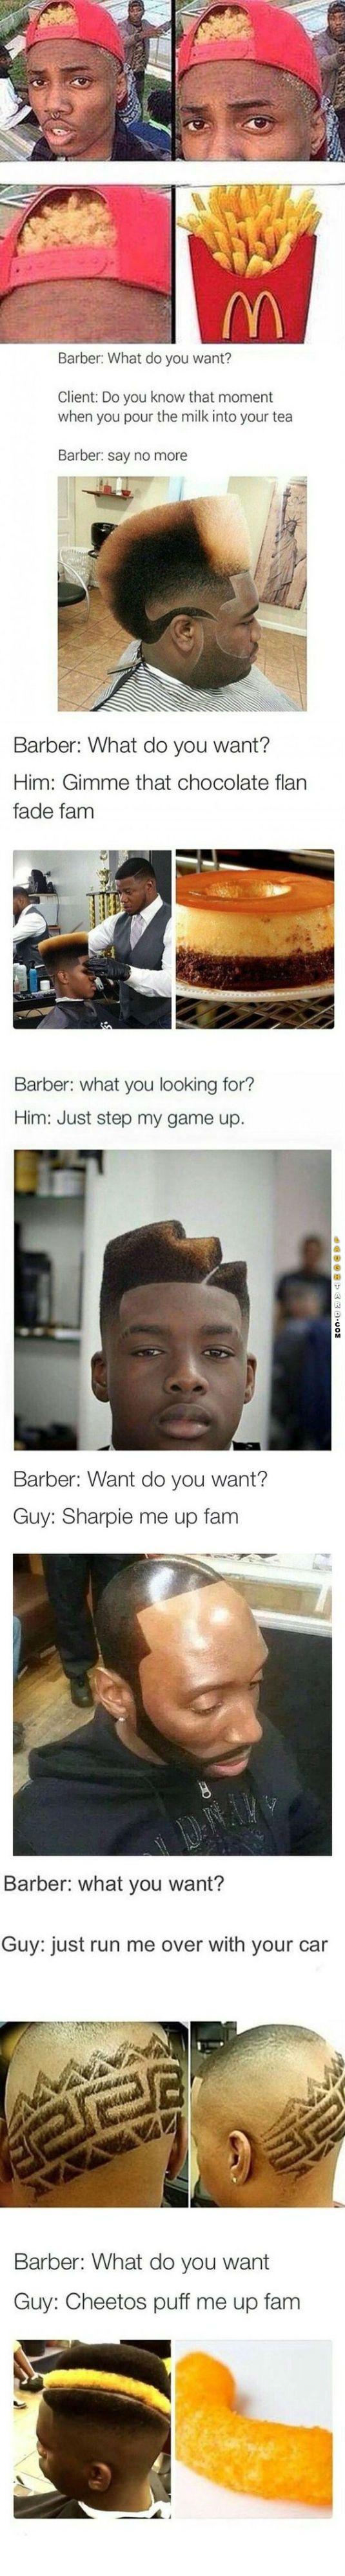 863 best Dumb hair images on Pinterest